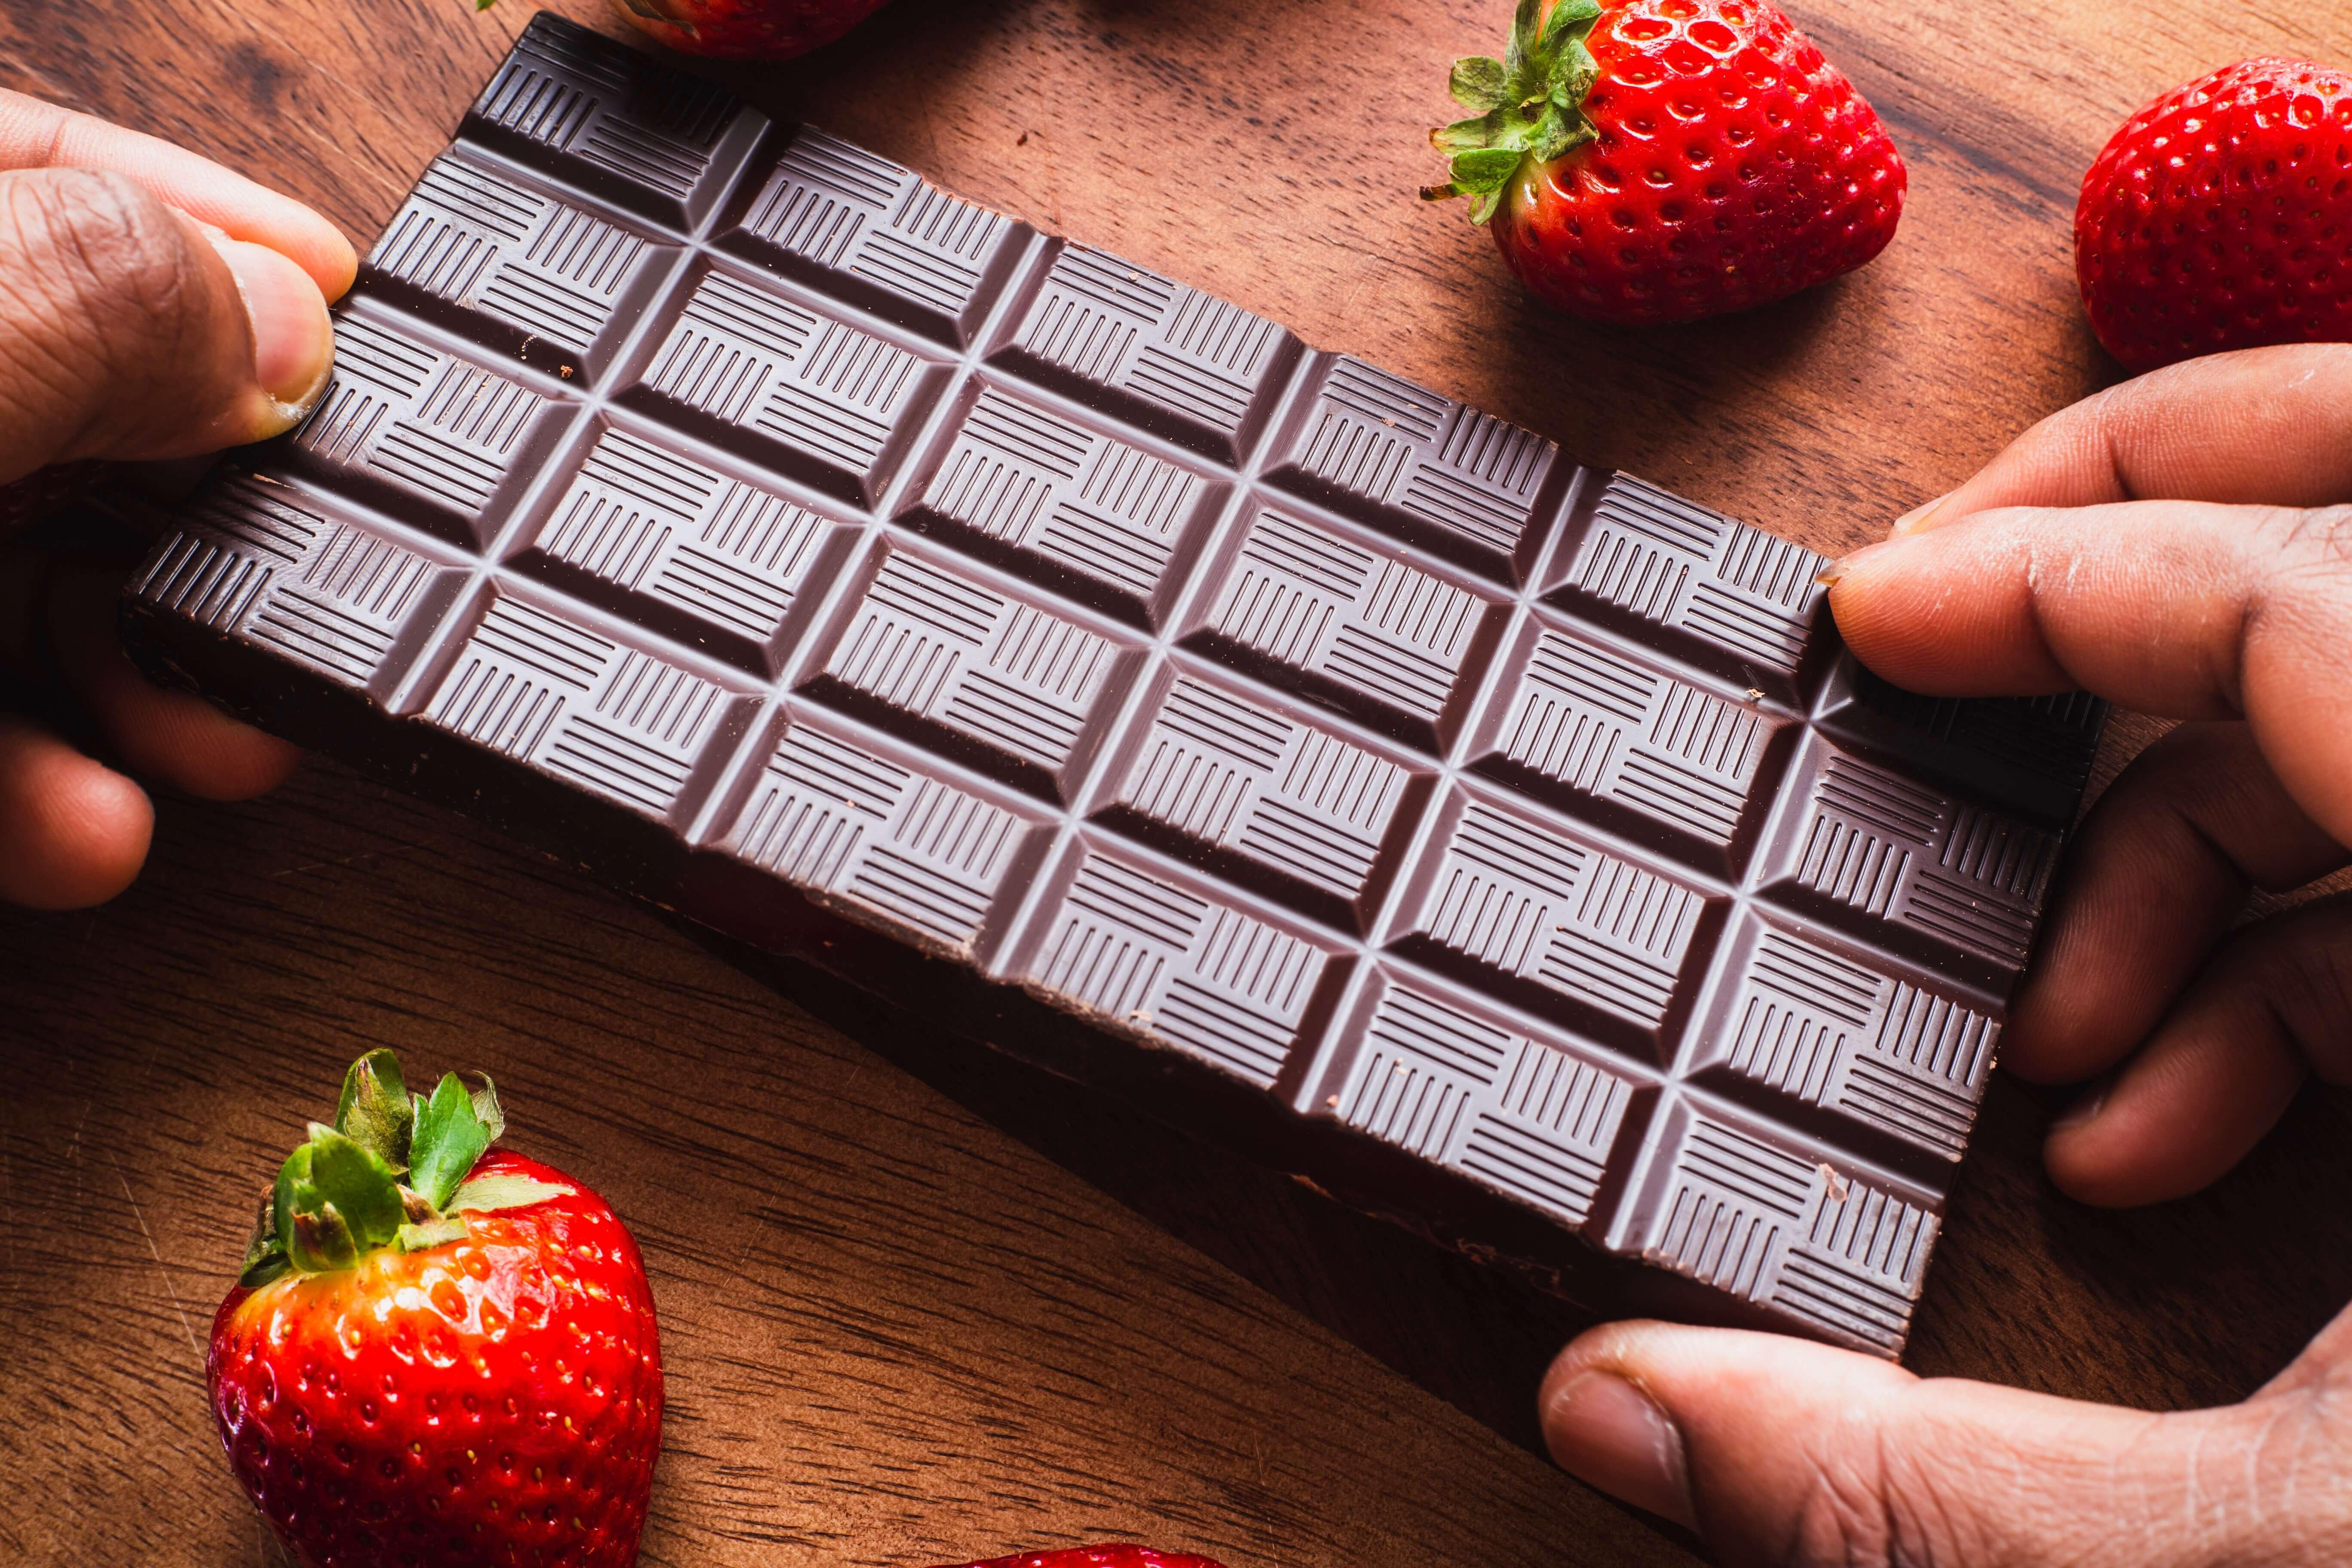 chocolat fruits fraises